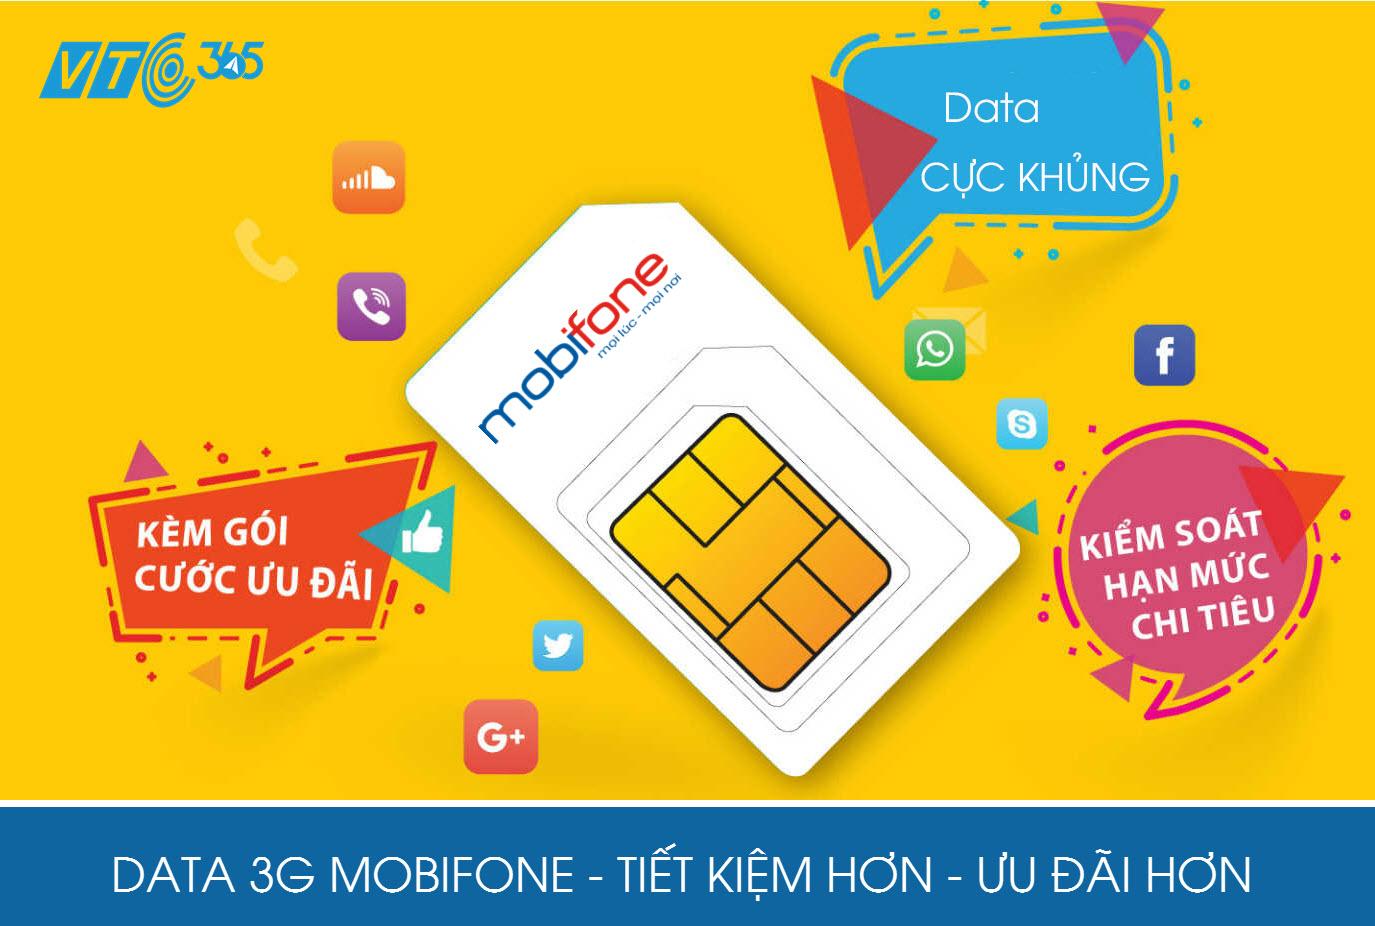 [VTC365] Tiết kiệm hơn bao giờ hết với thẻ Data dung lượng 3G của Mobifone  | VTC365